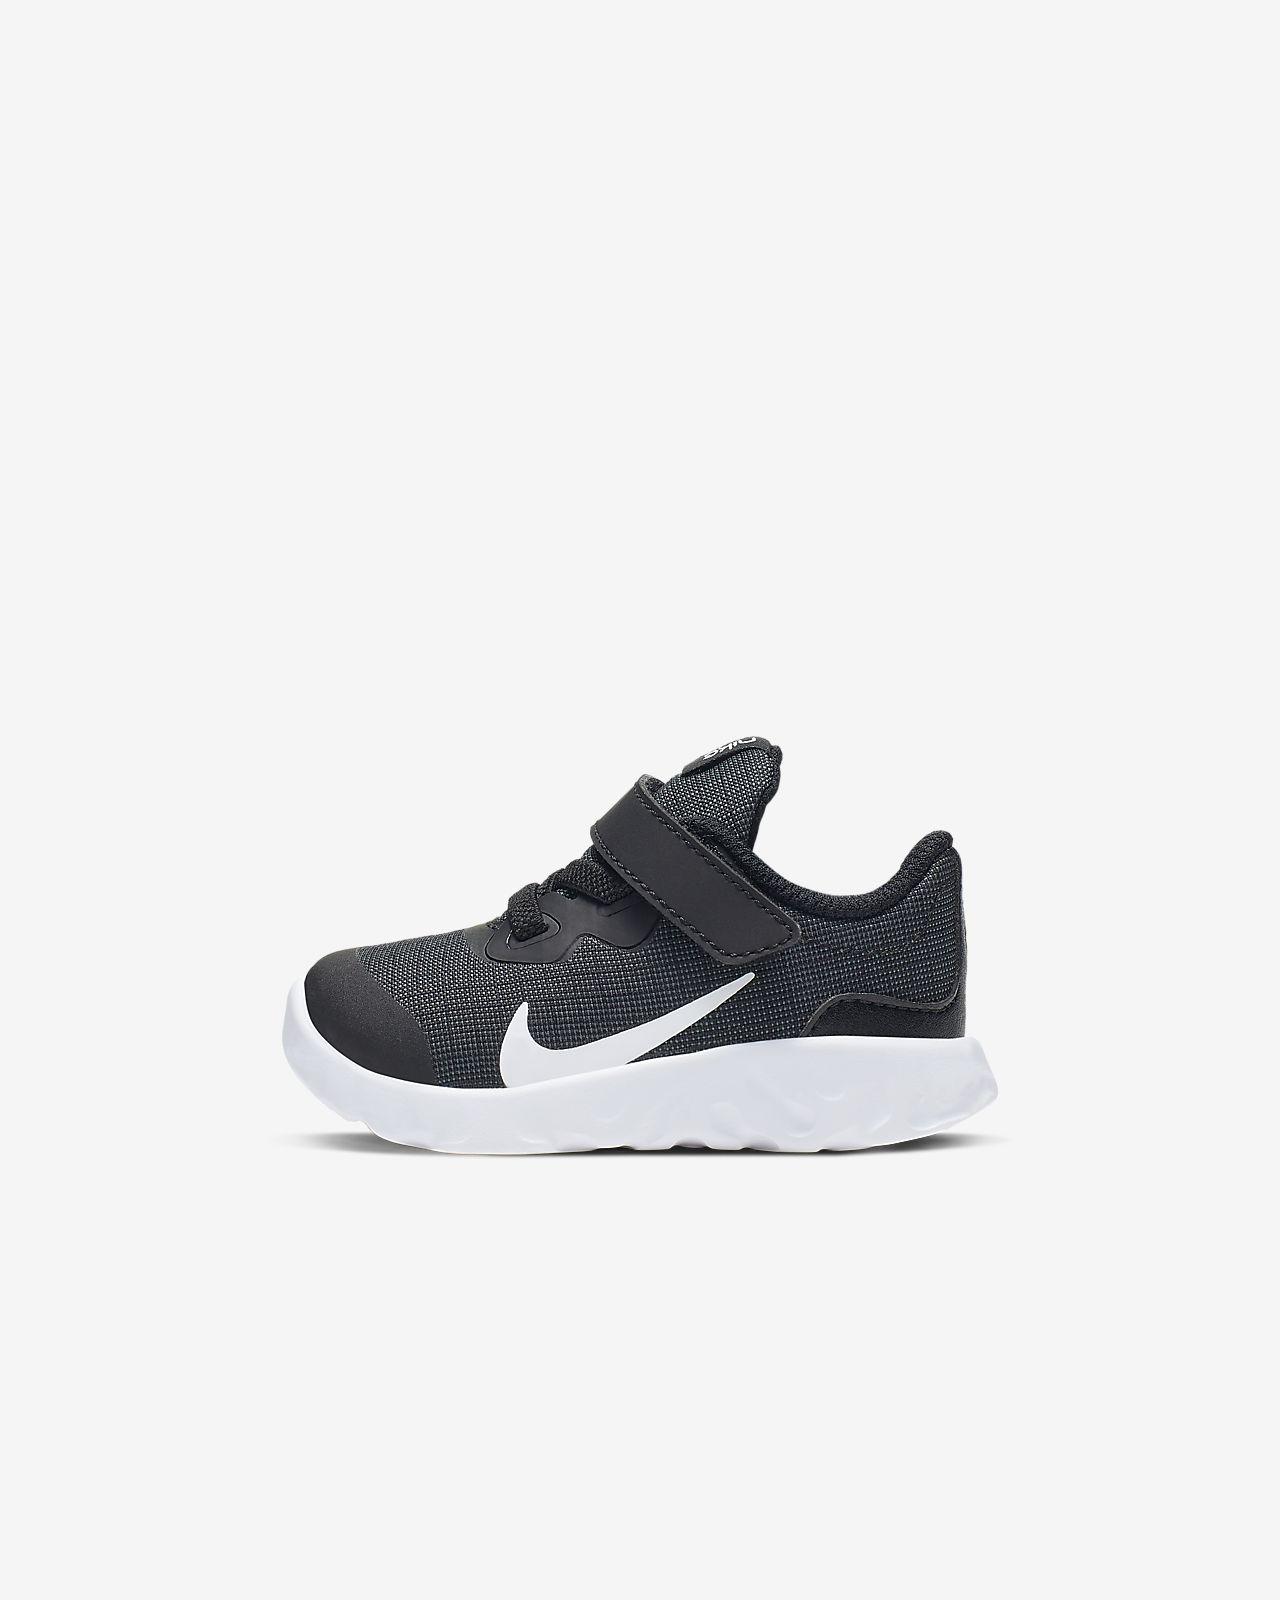 Nike Explore Strada Schoen voor baby's/peuters